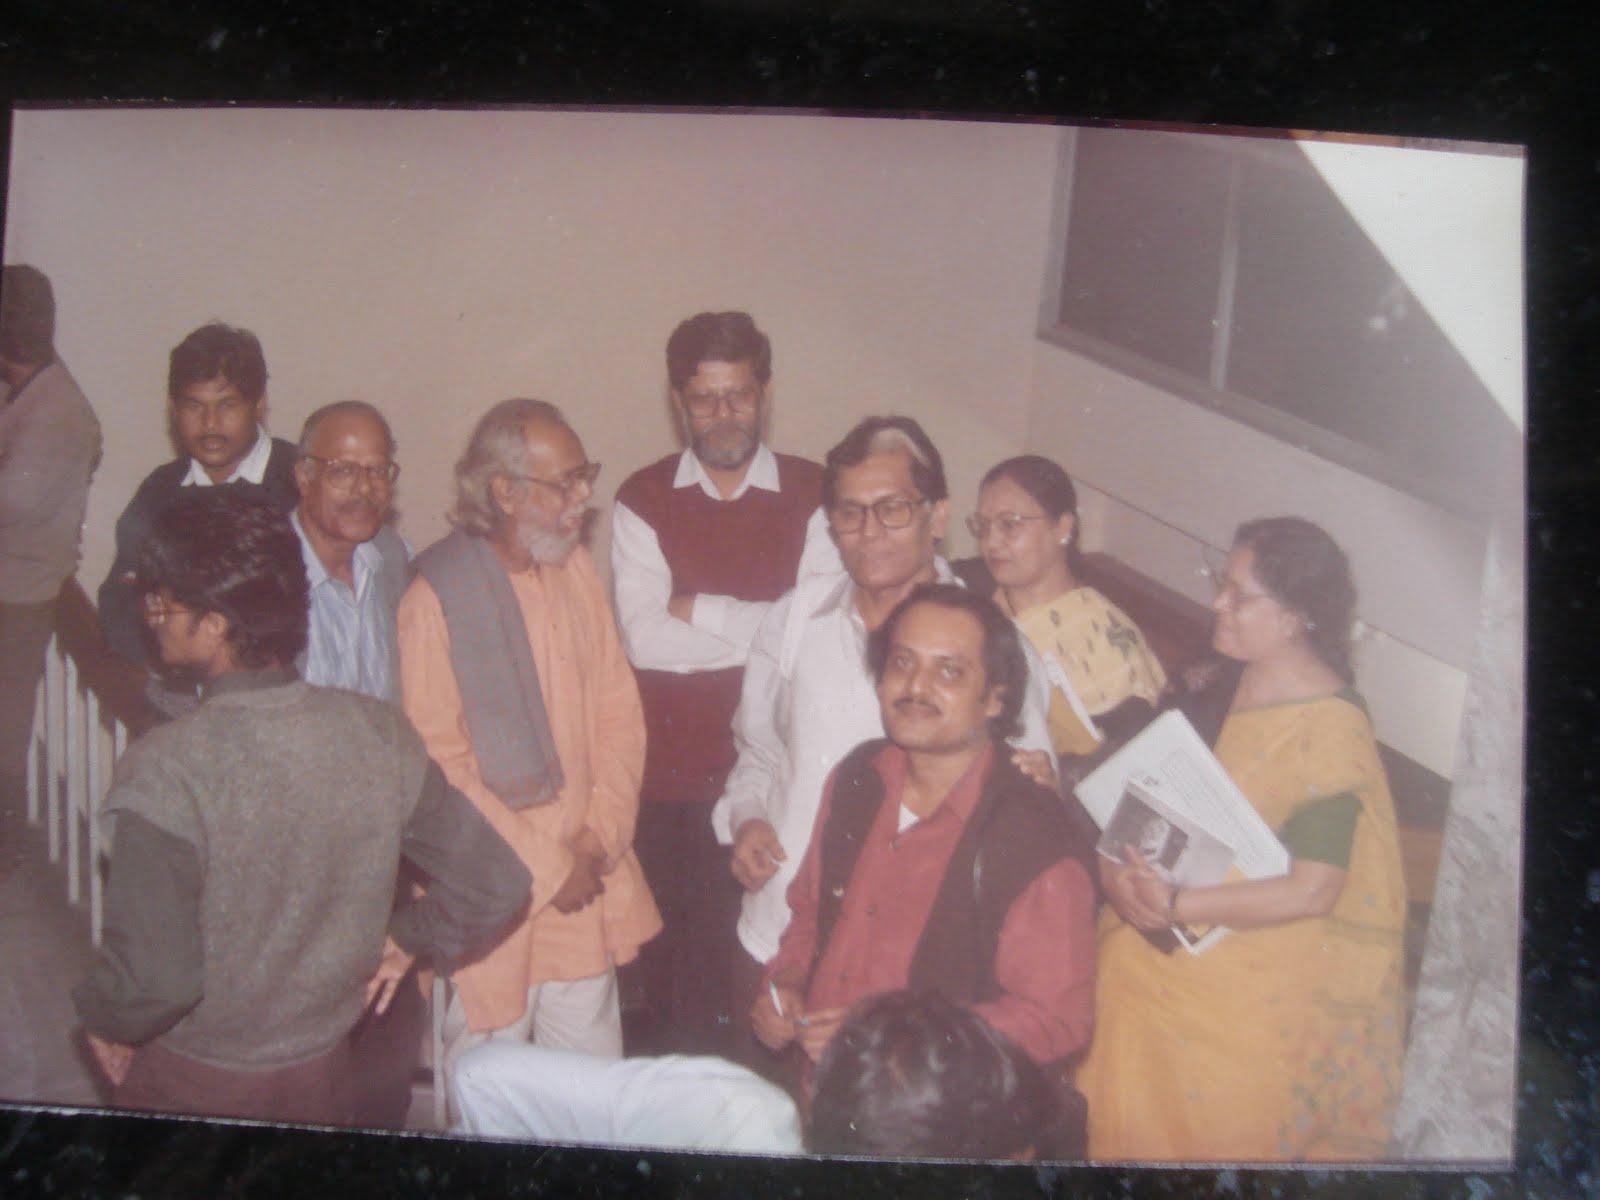 At Bangla Academy with Samir, Malay and Nasser